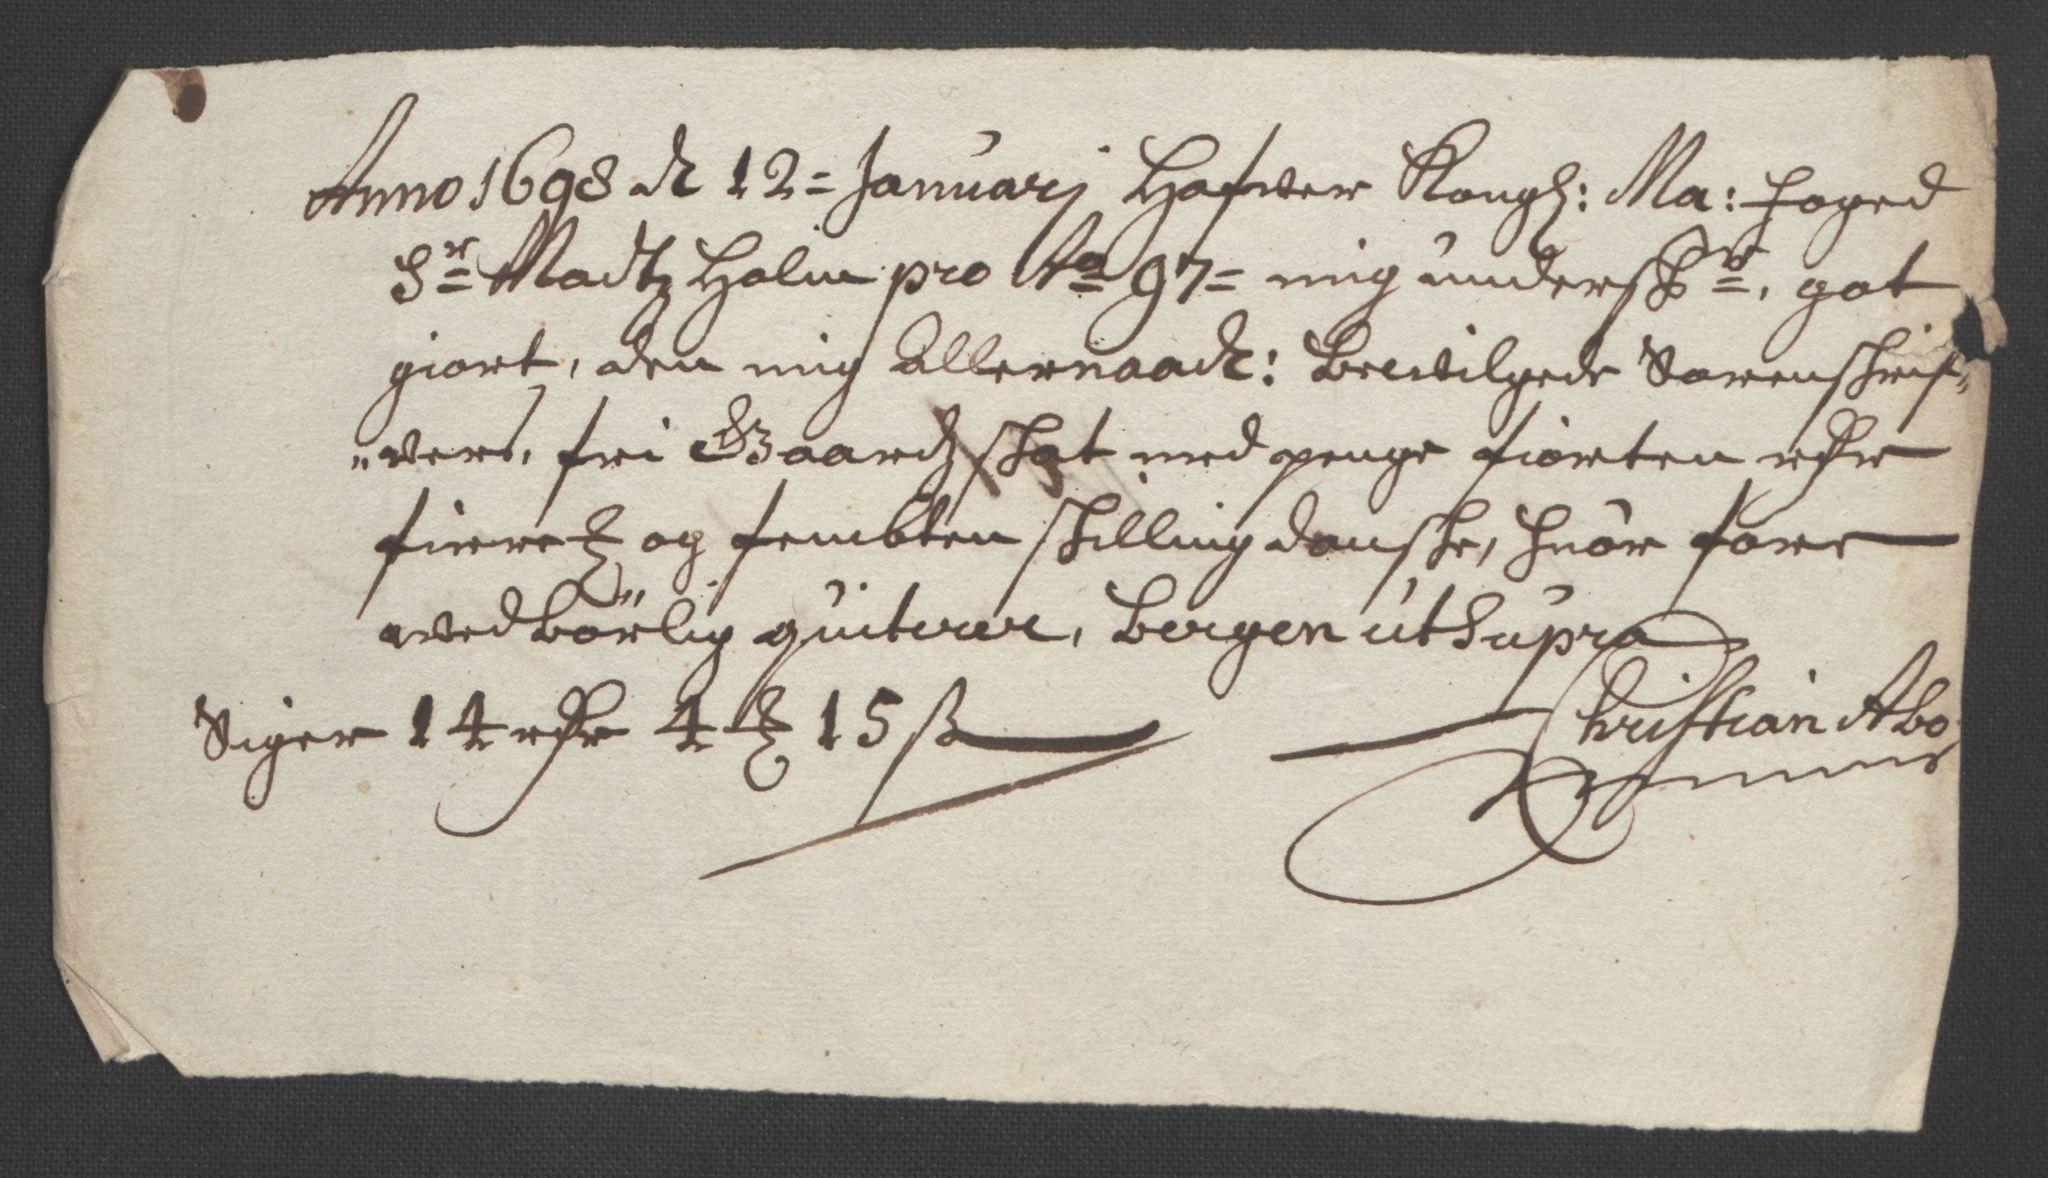 RA, Rentekammeret inntil 1814, Reviderte regnskaper, Fogderegnskap, R51/L3183: Fogderegnskap Nordhordland og Voss, 1695-1697, s. 453